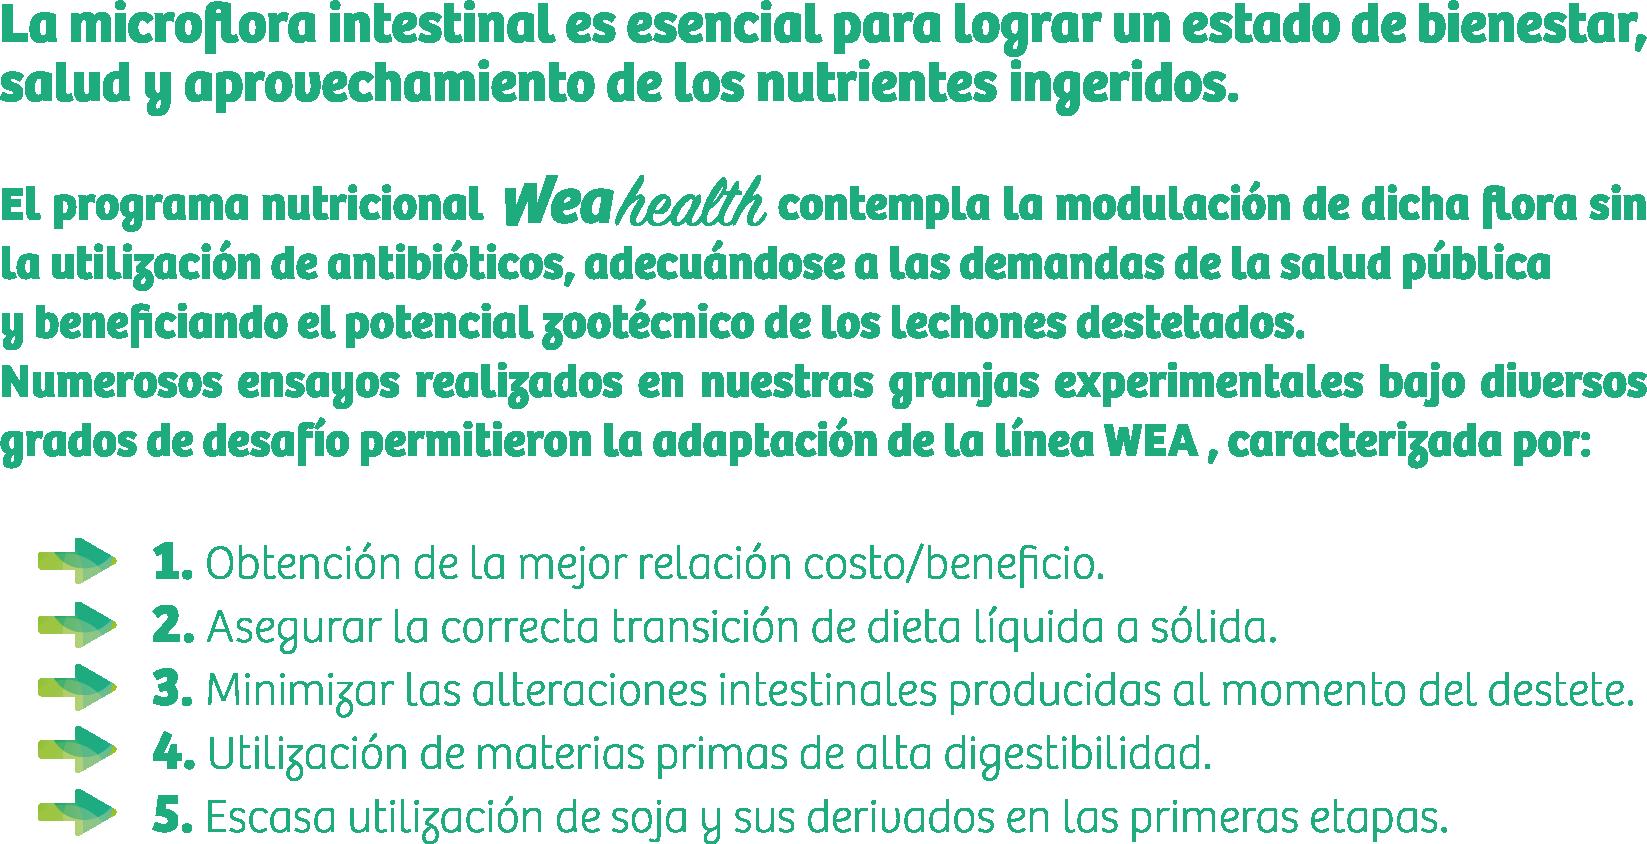 tictRecurso 2